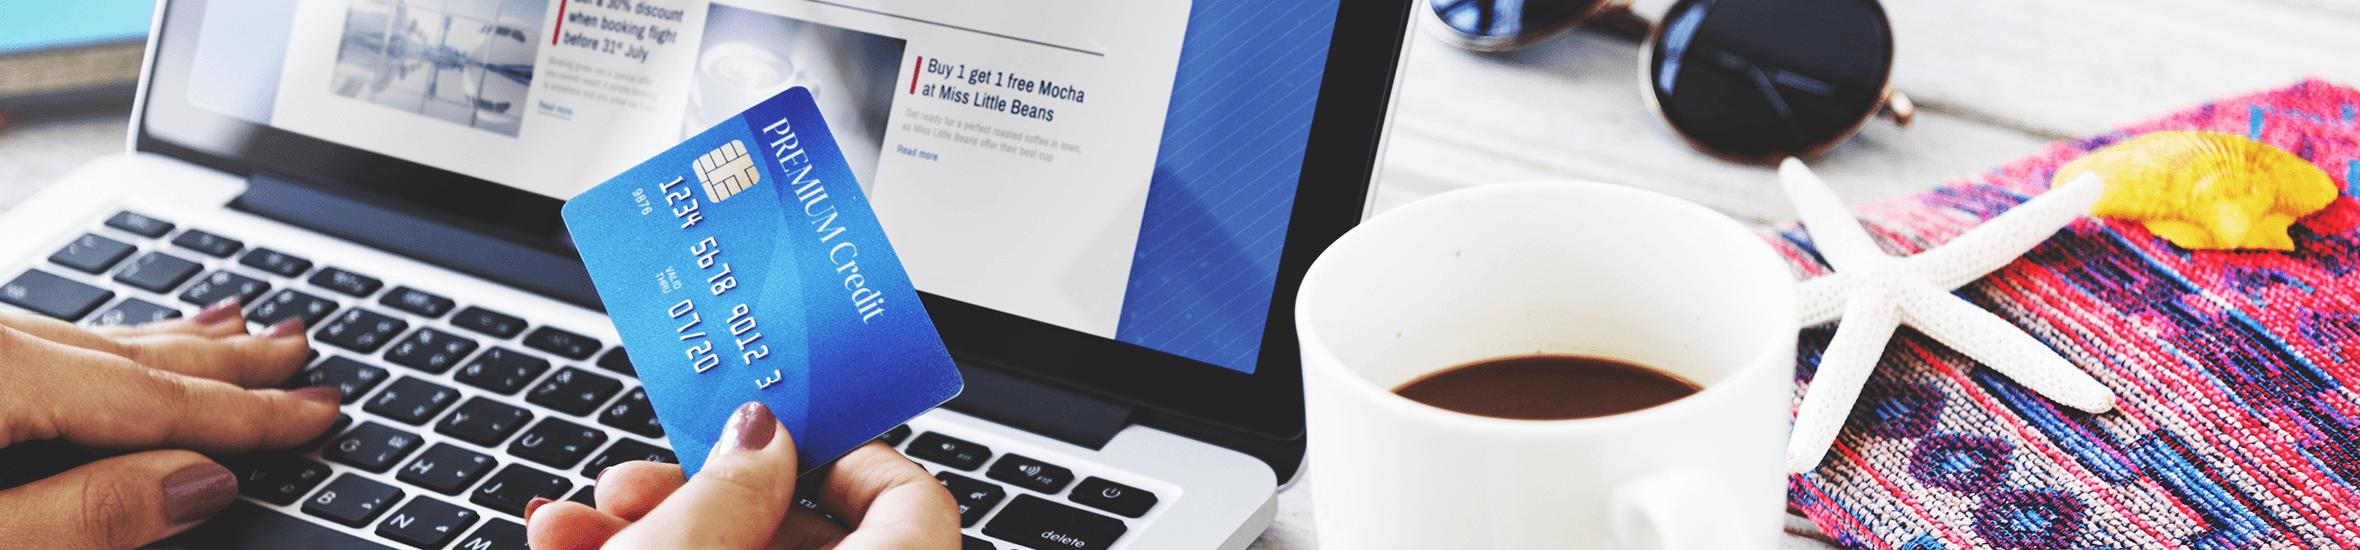 Réduire le taux d'abandon de votre e-commerce